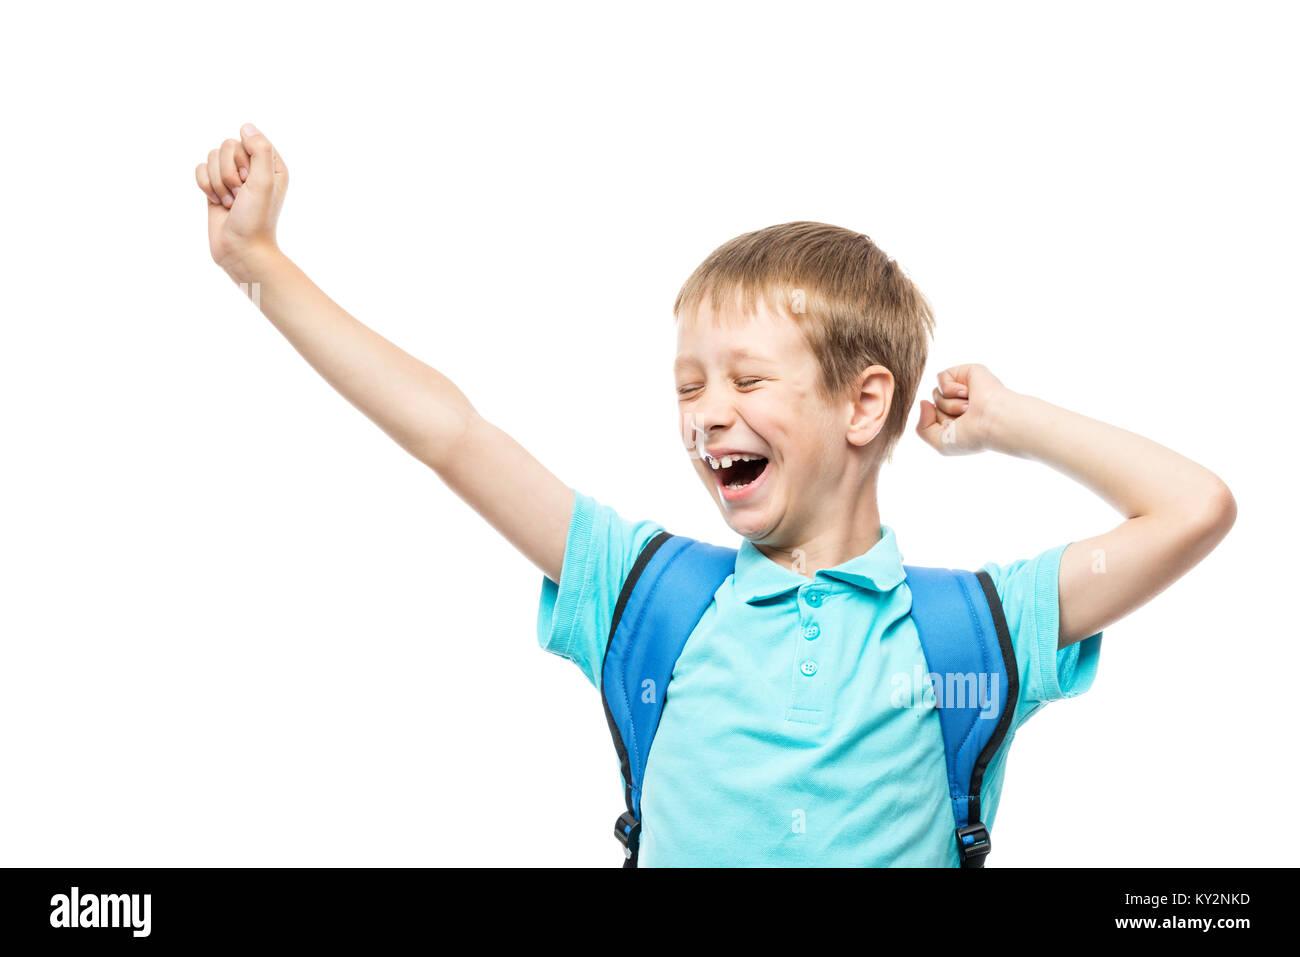 Yawning school